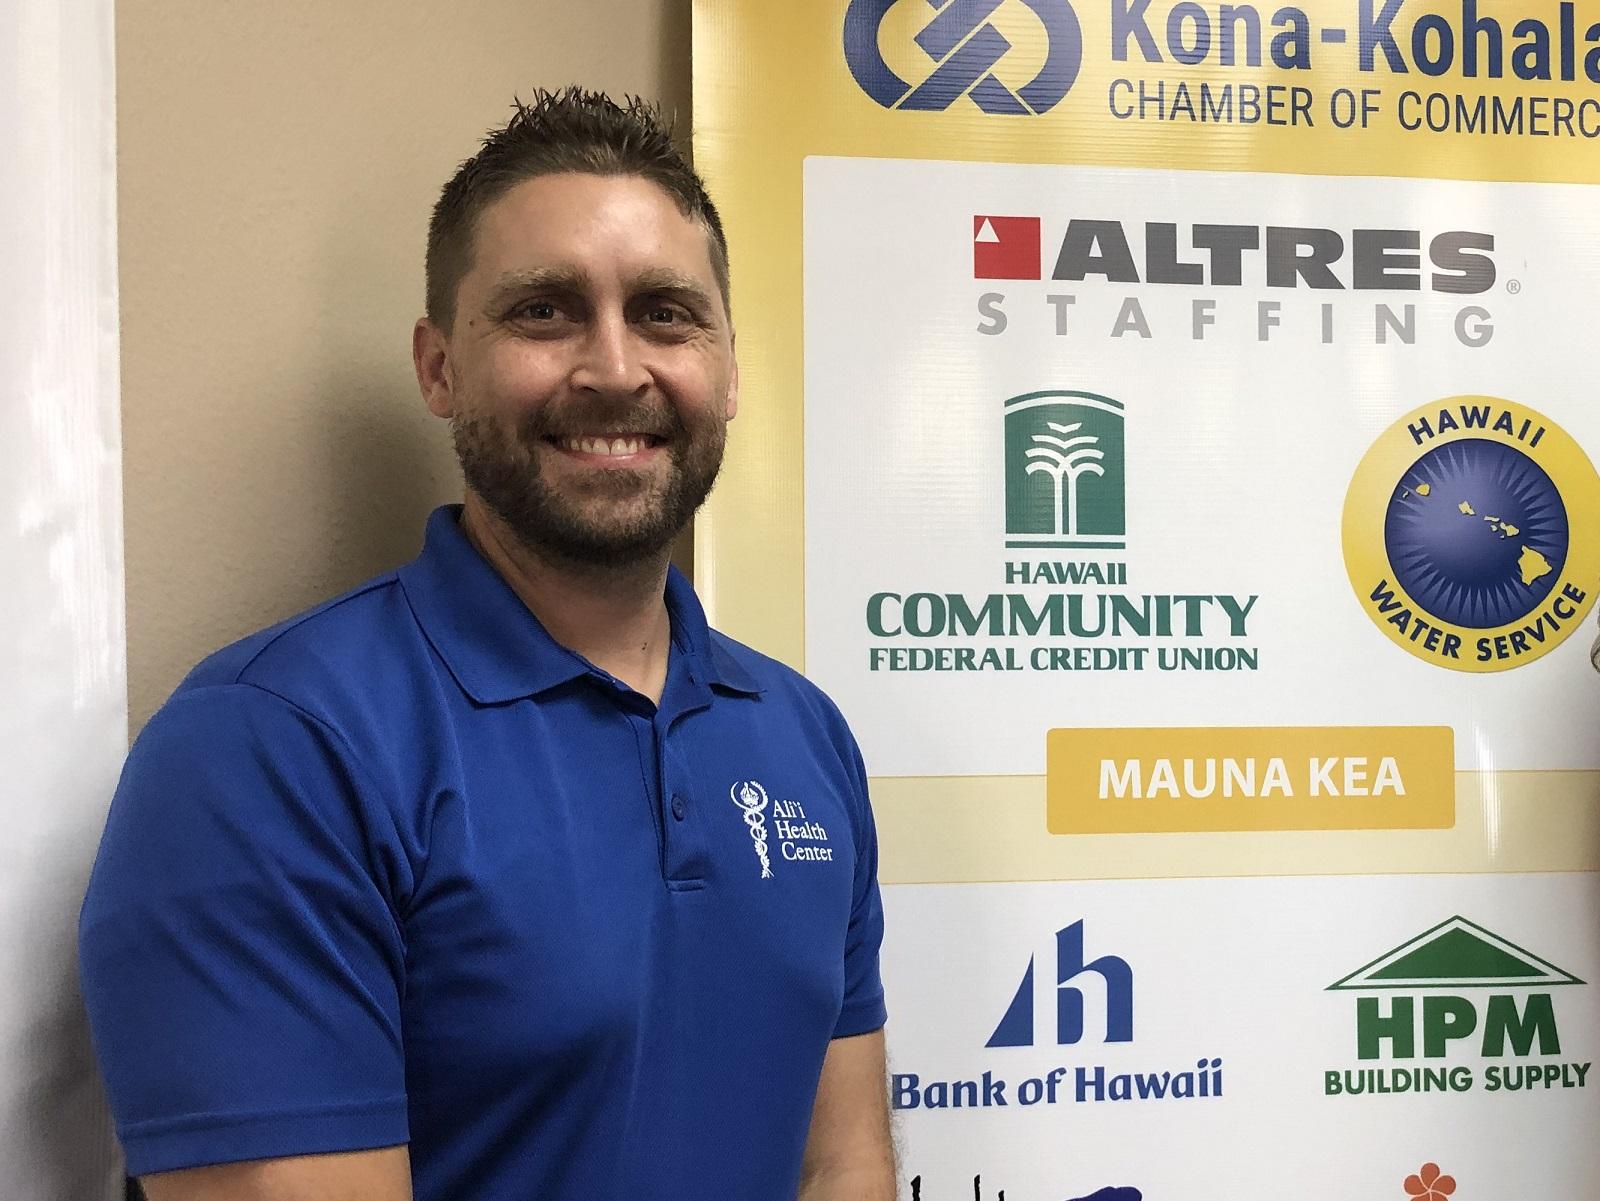 Health & Wellness Embraced by Kona-Kohala Chamber